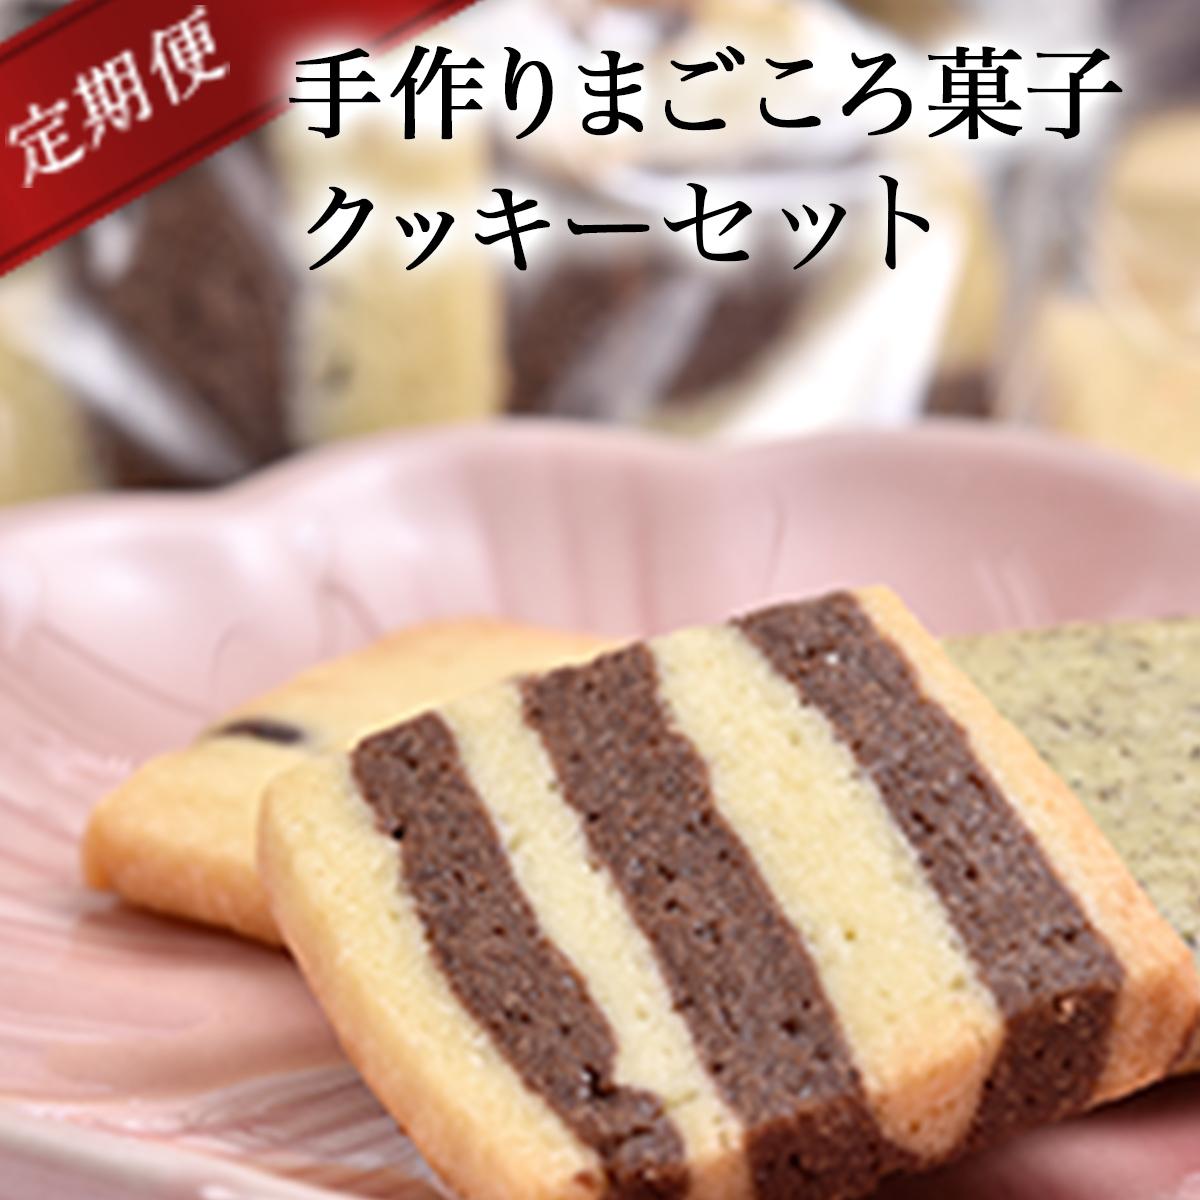 【ふるさと納税】手作りまごころ菓子ギフト(クッキー13袋 計78枚) 10回お届け(合計780枚)